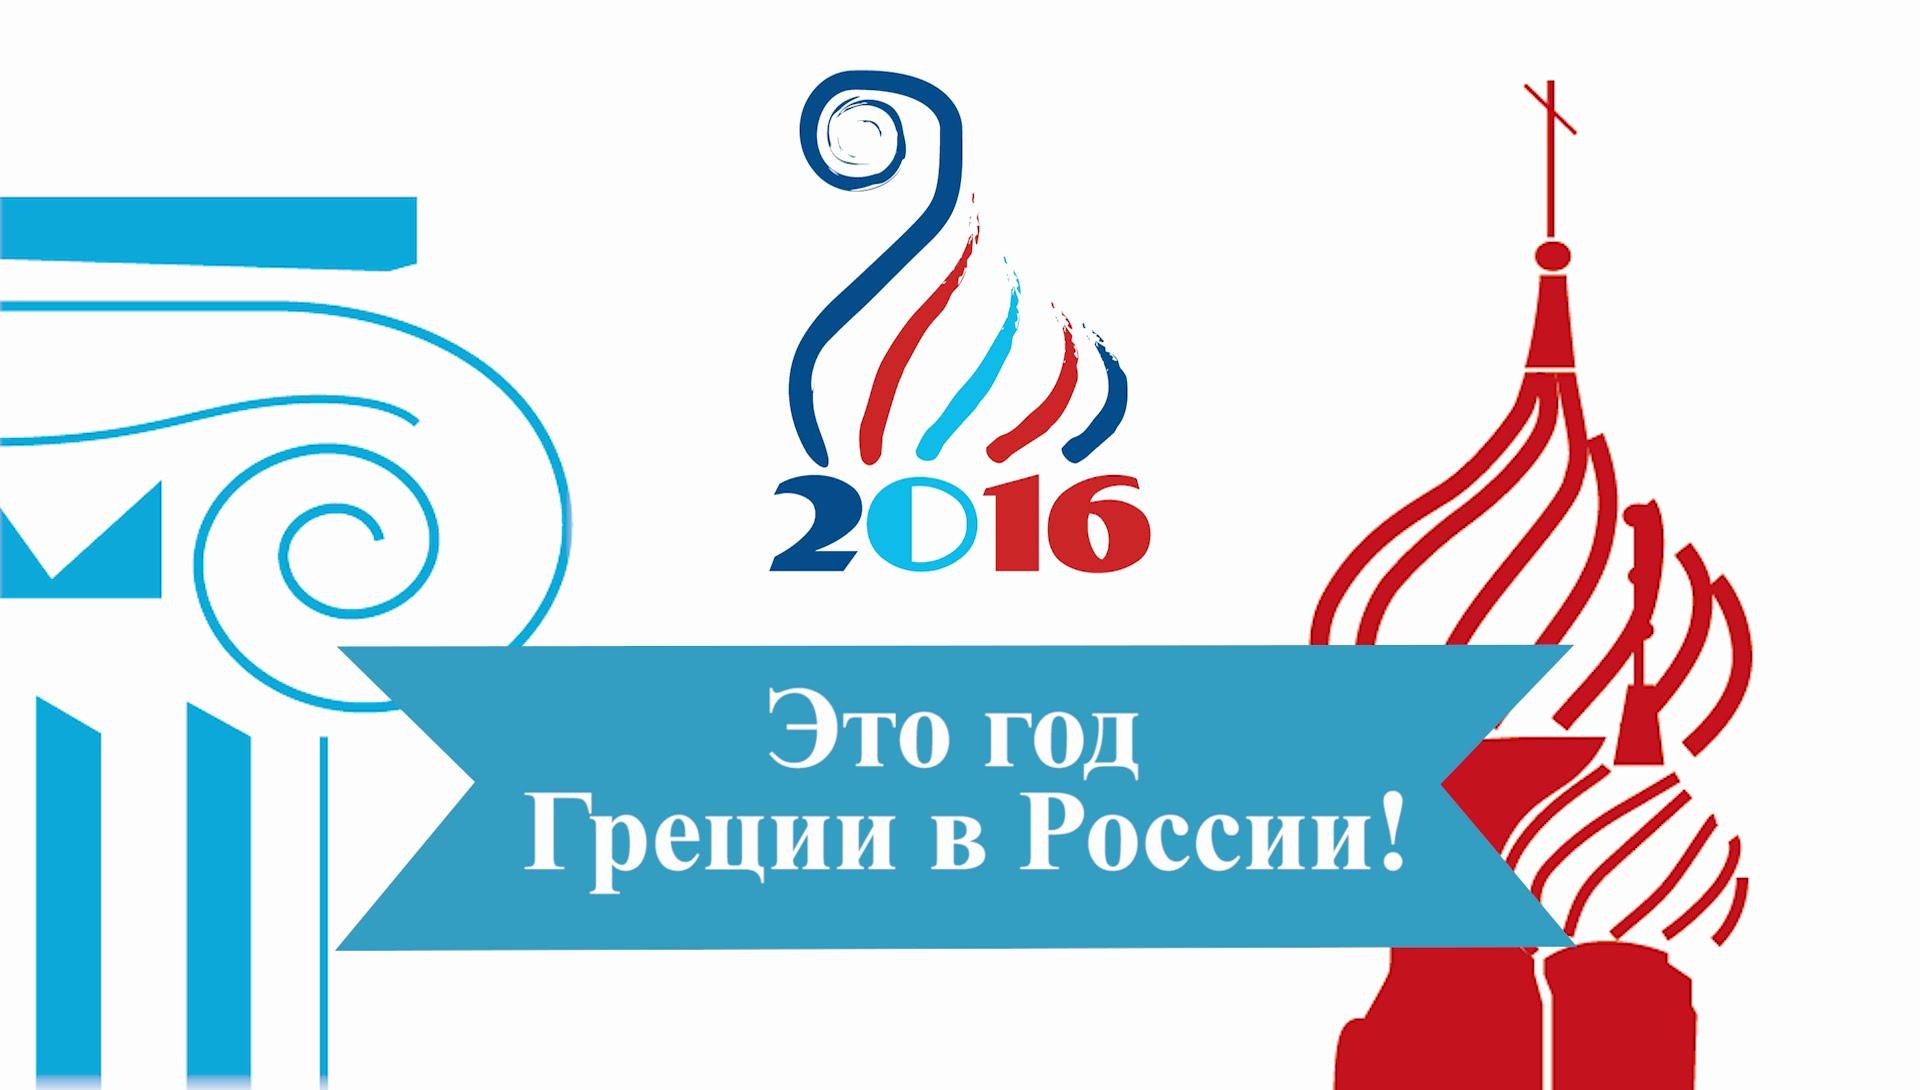 Российские красные дни календаря